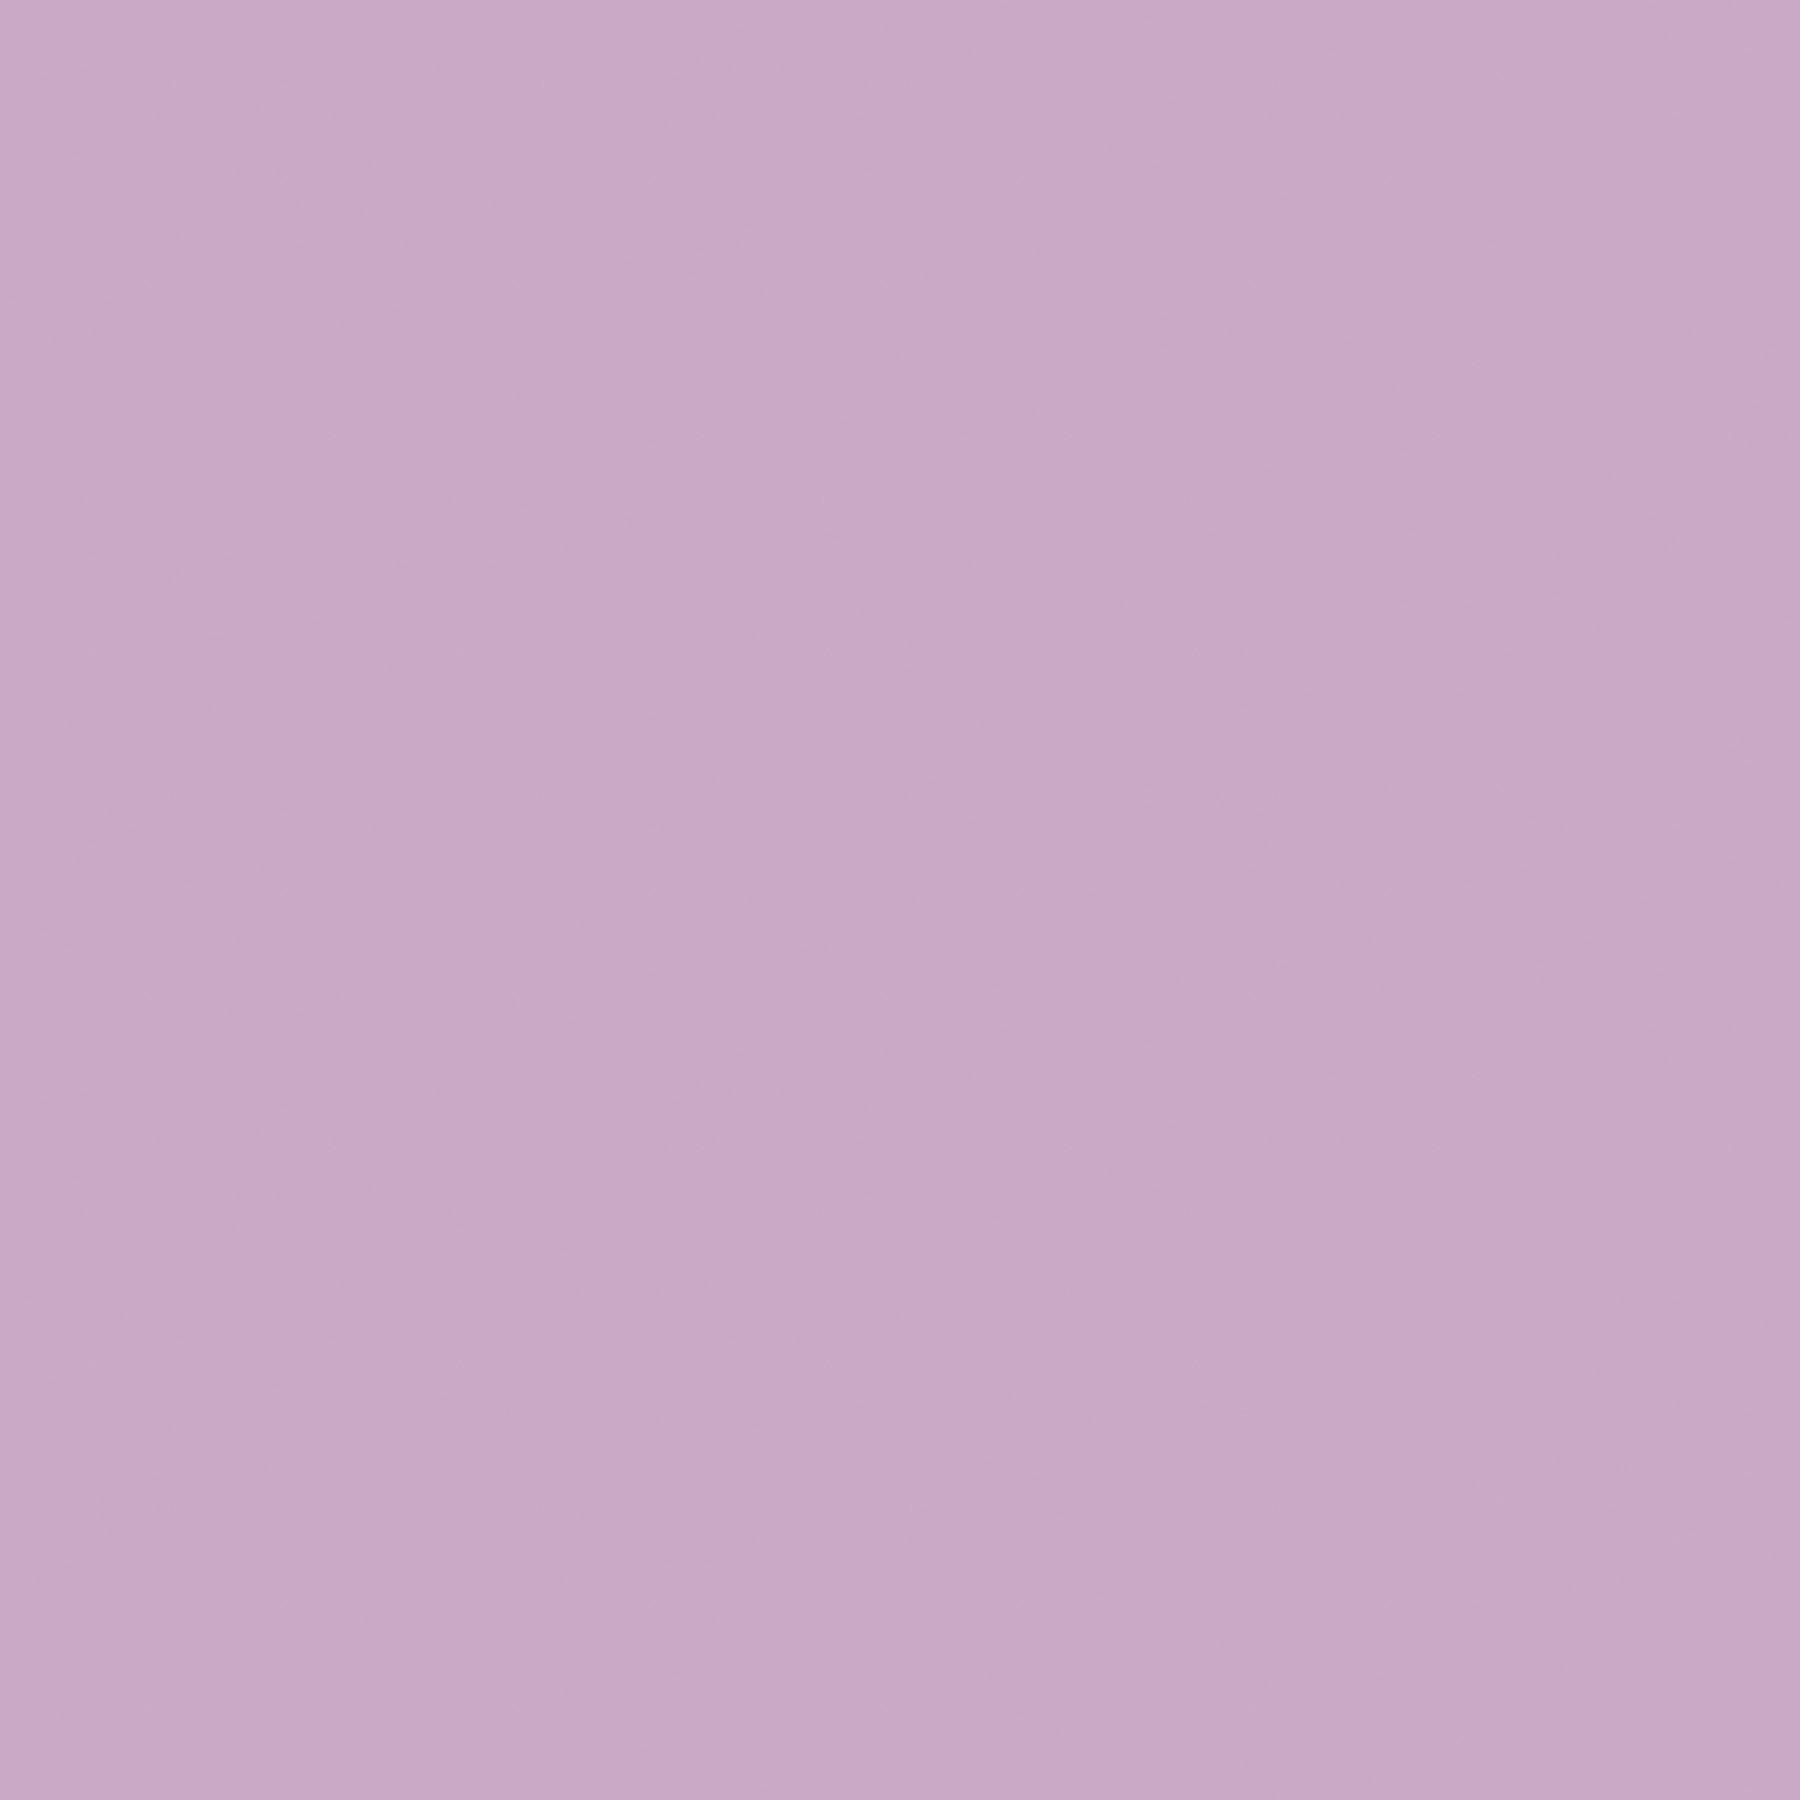 Matte Soft Lilac by Krylon